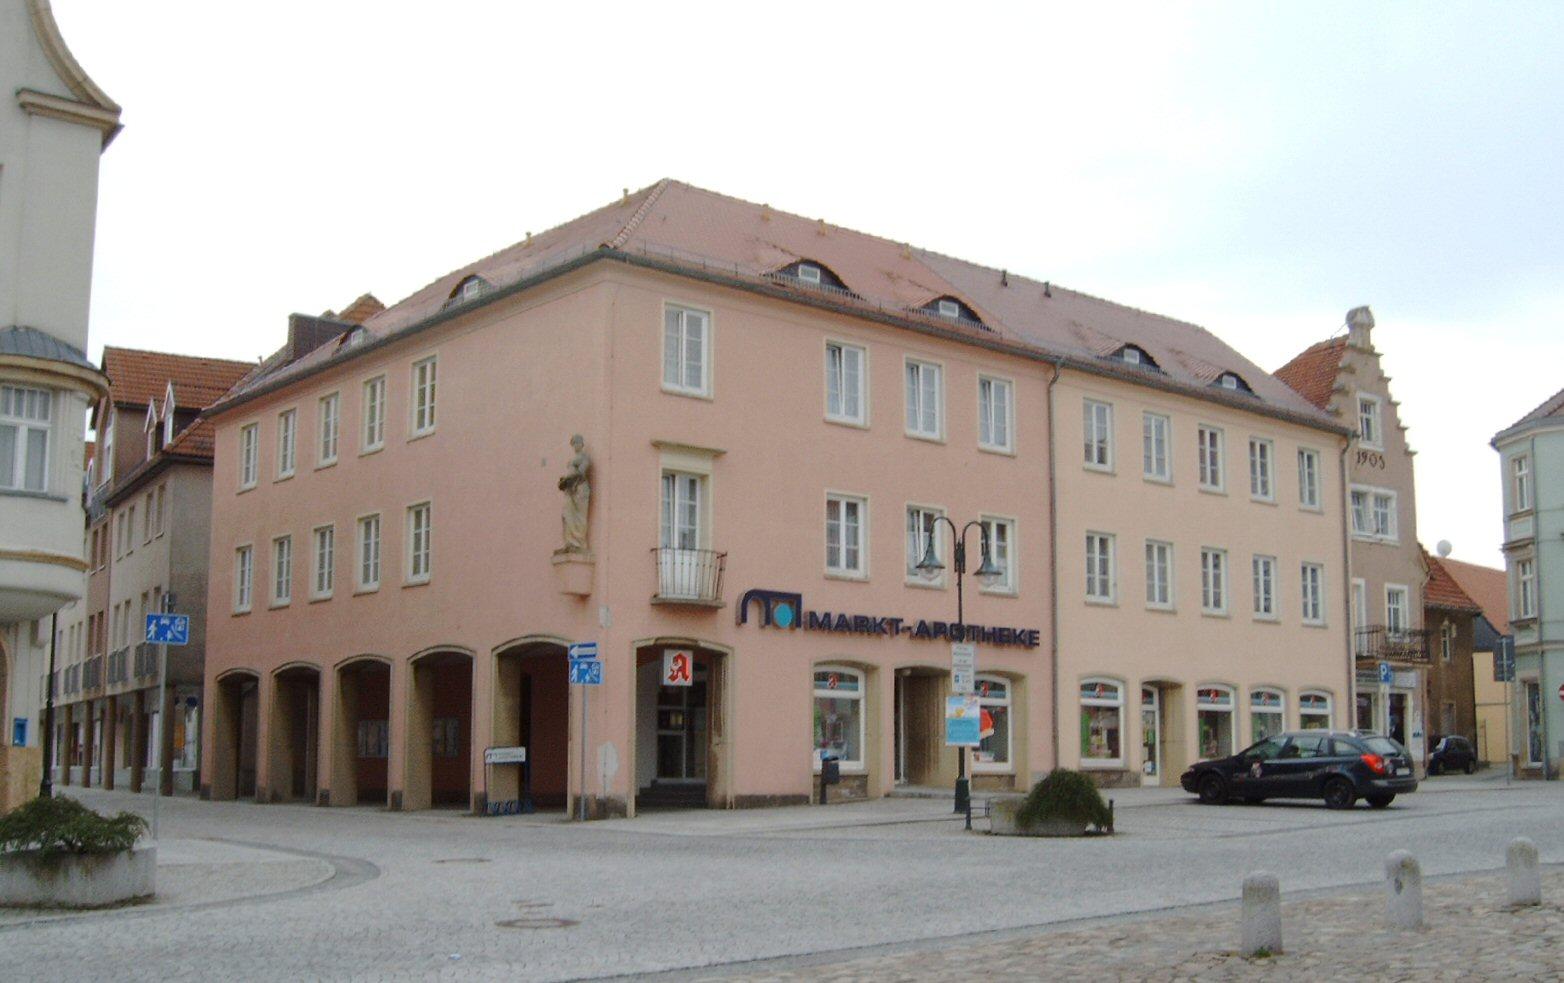 Partnersuche & kostenlose Kontaktanzeigen in Neustadt i. Sachsen